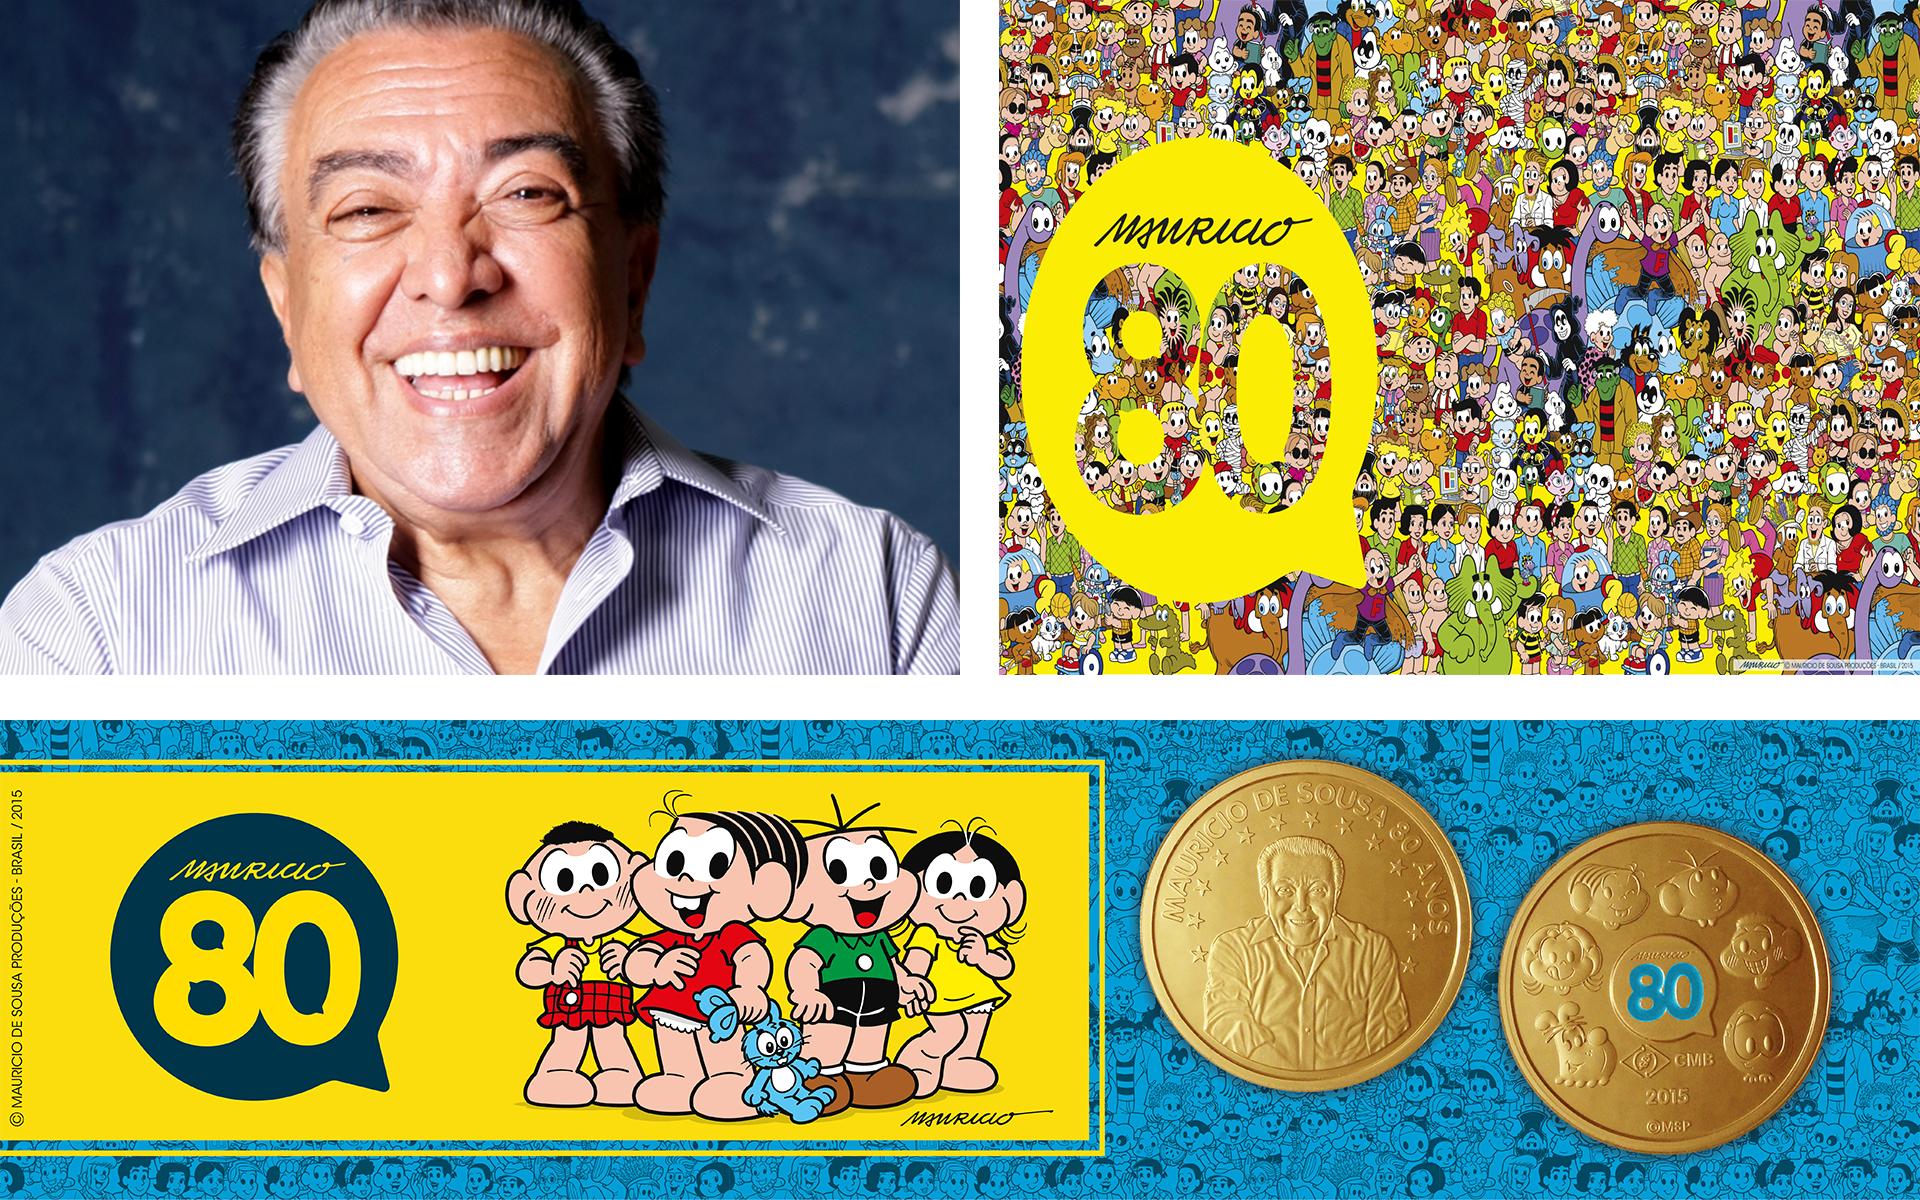 80 anos de Mauricio de Sousa